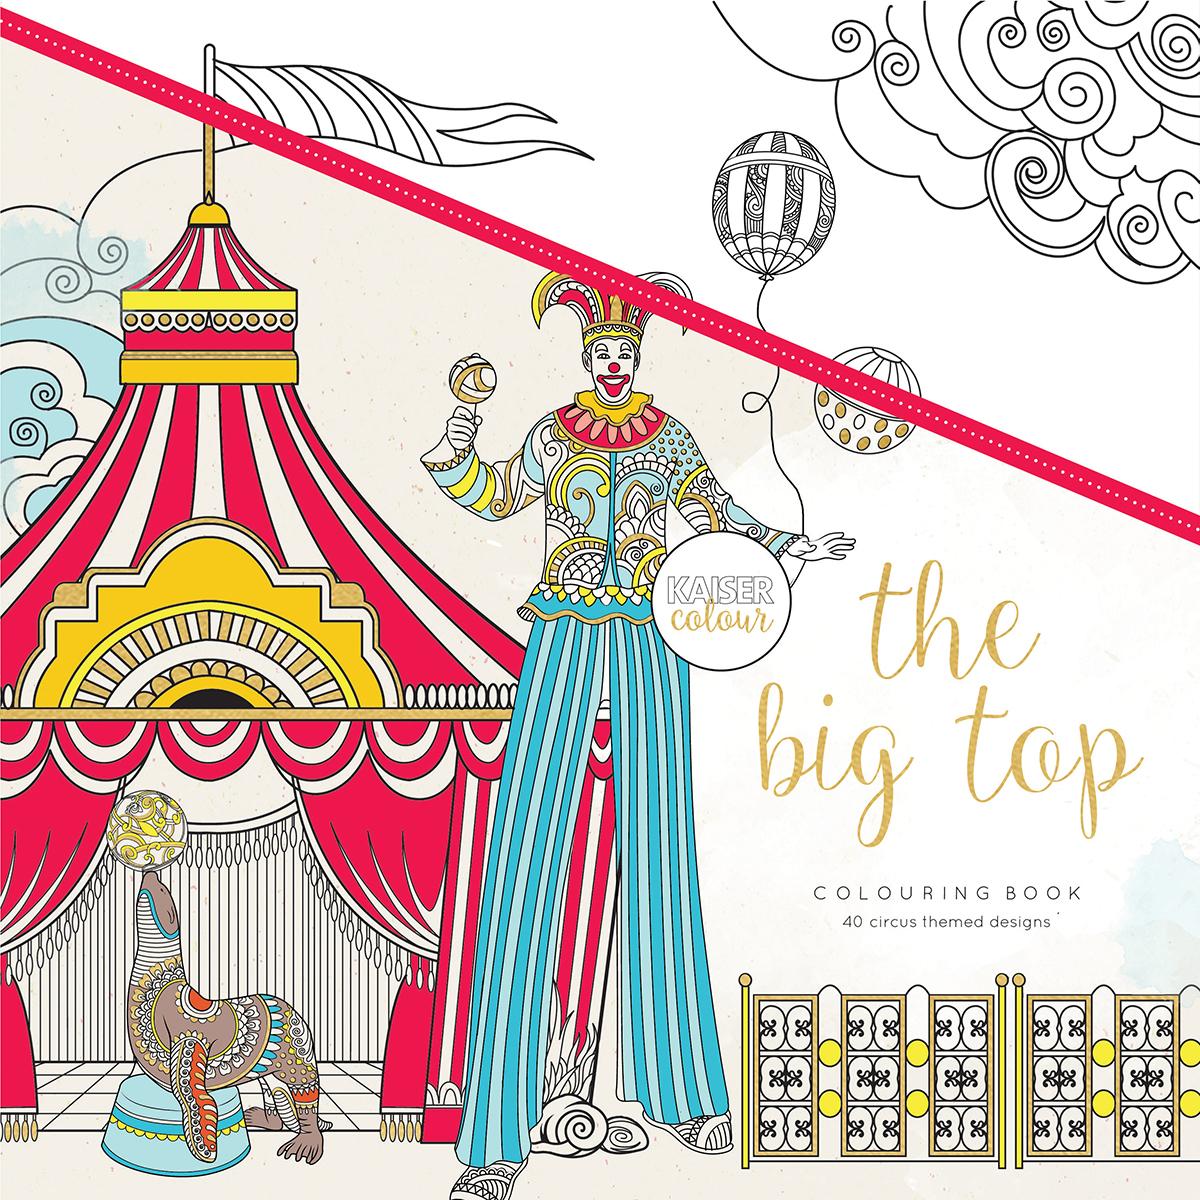 Kaisercolour The Big Top